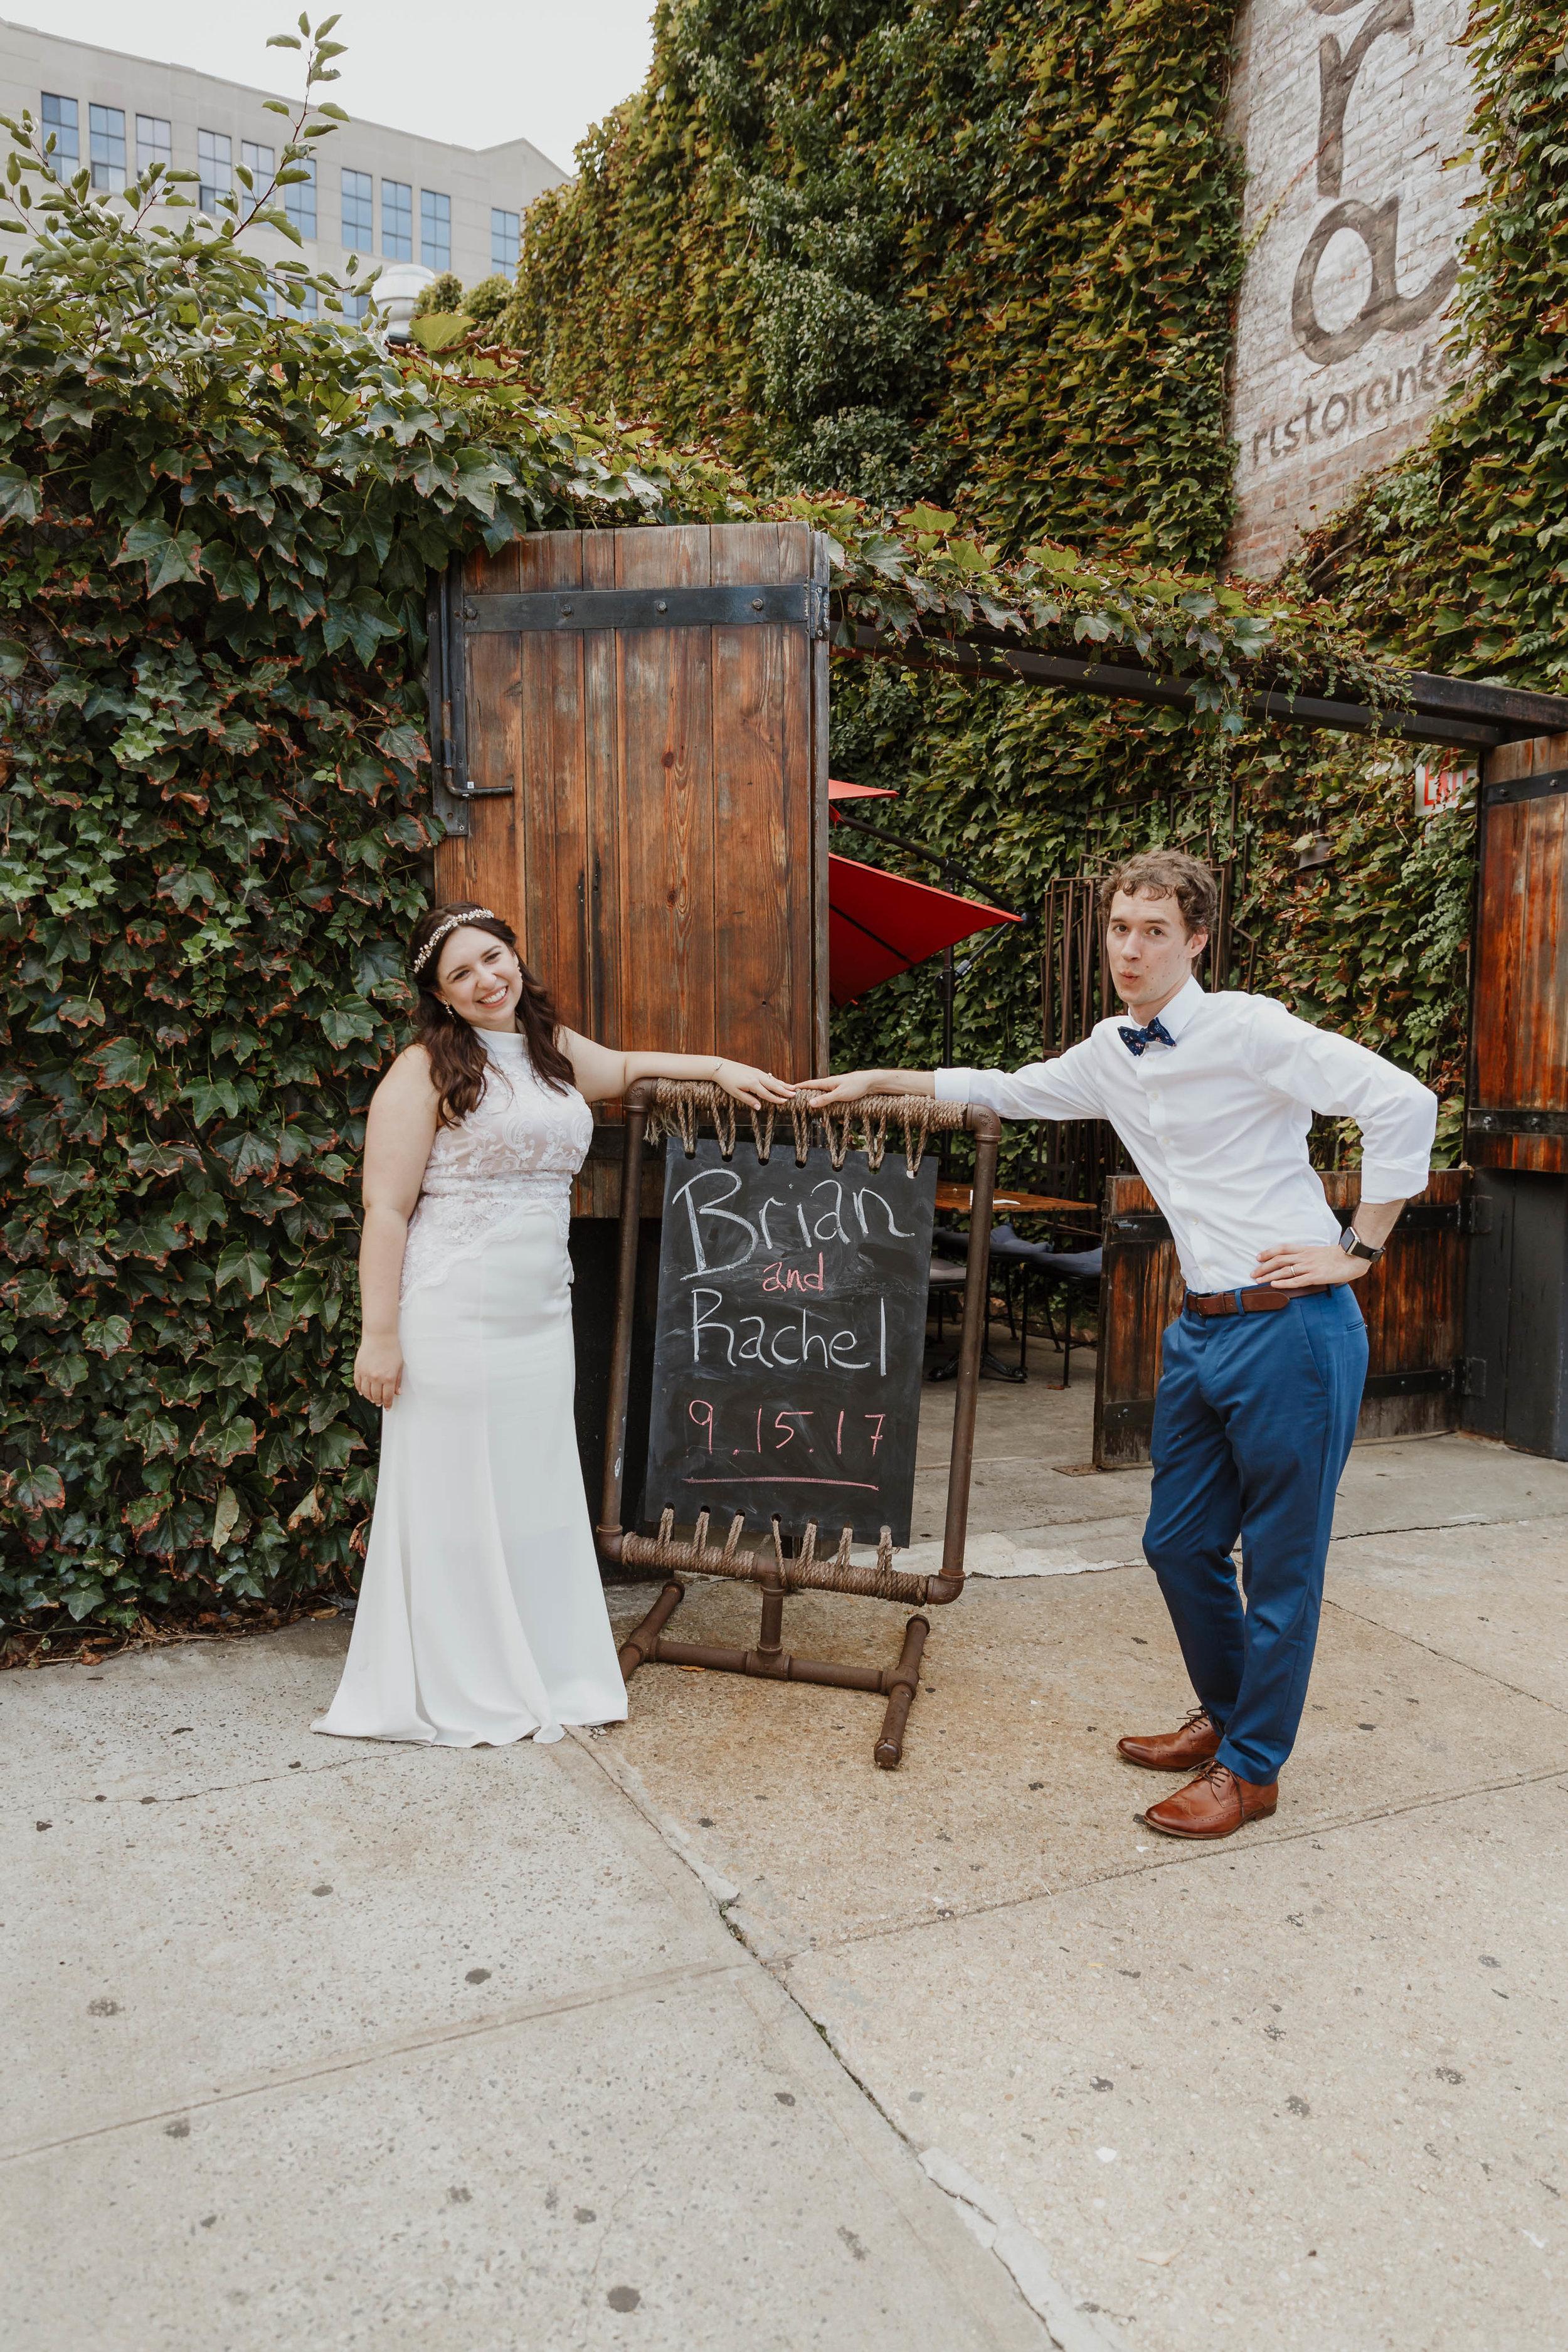 aurora-restaurant-wedding-photographer-elizabeth-tsung-photo-106.jpg